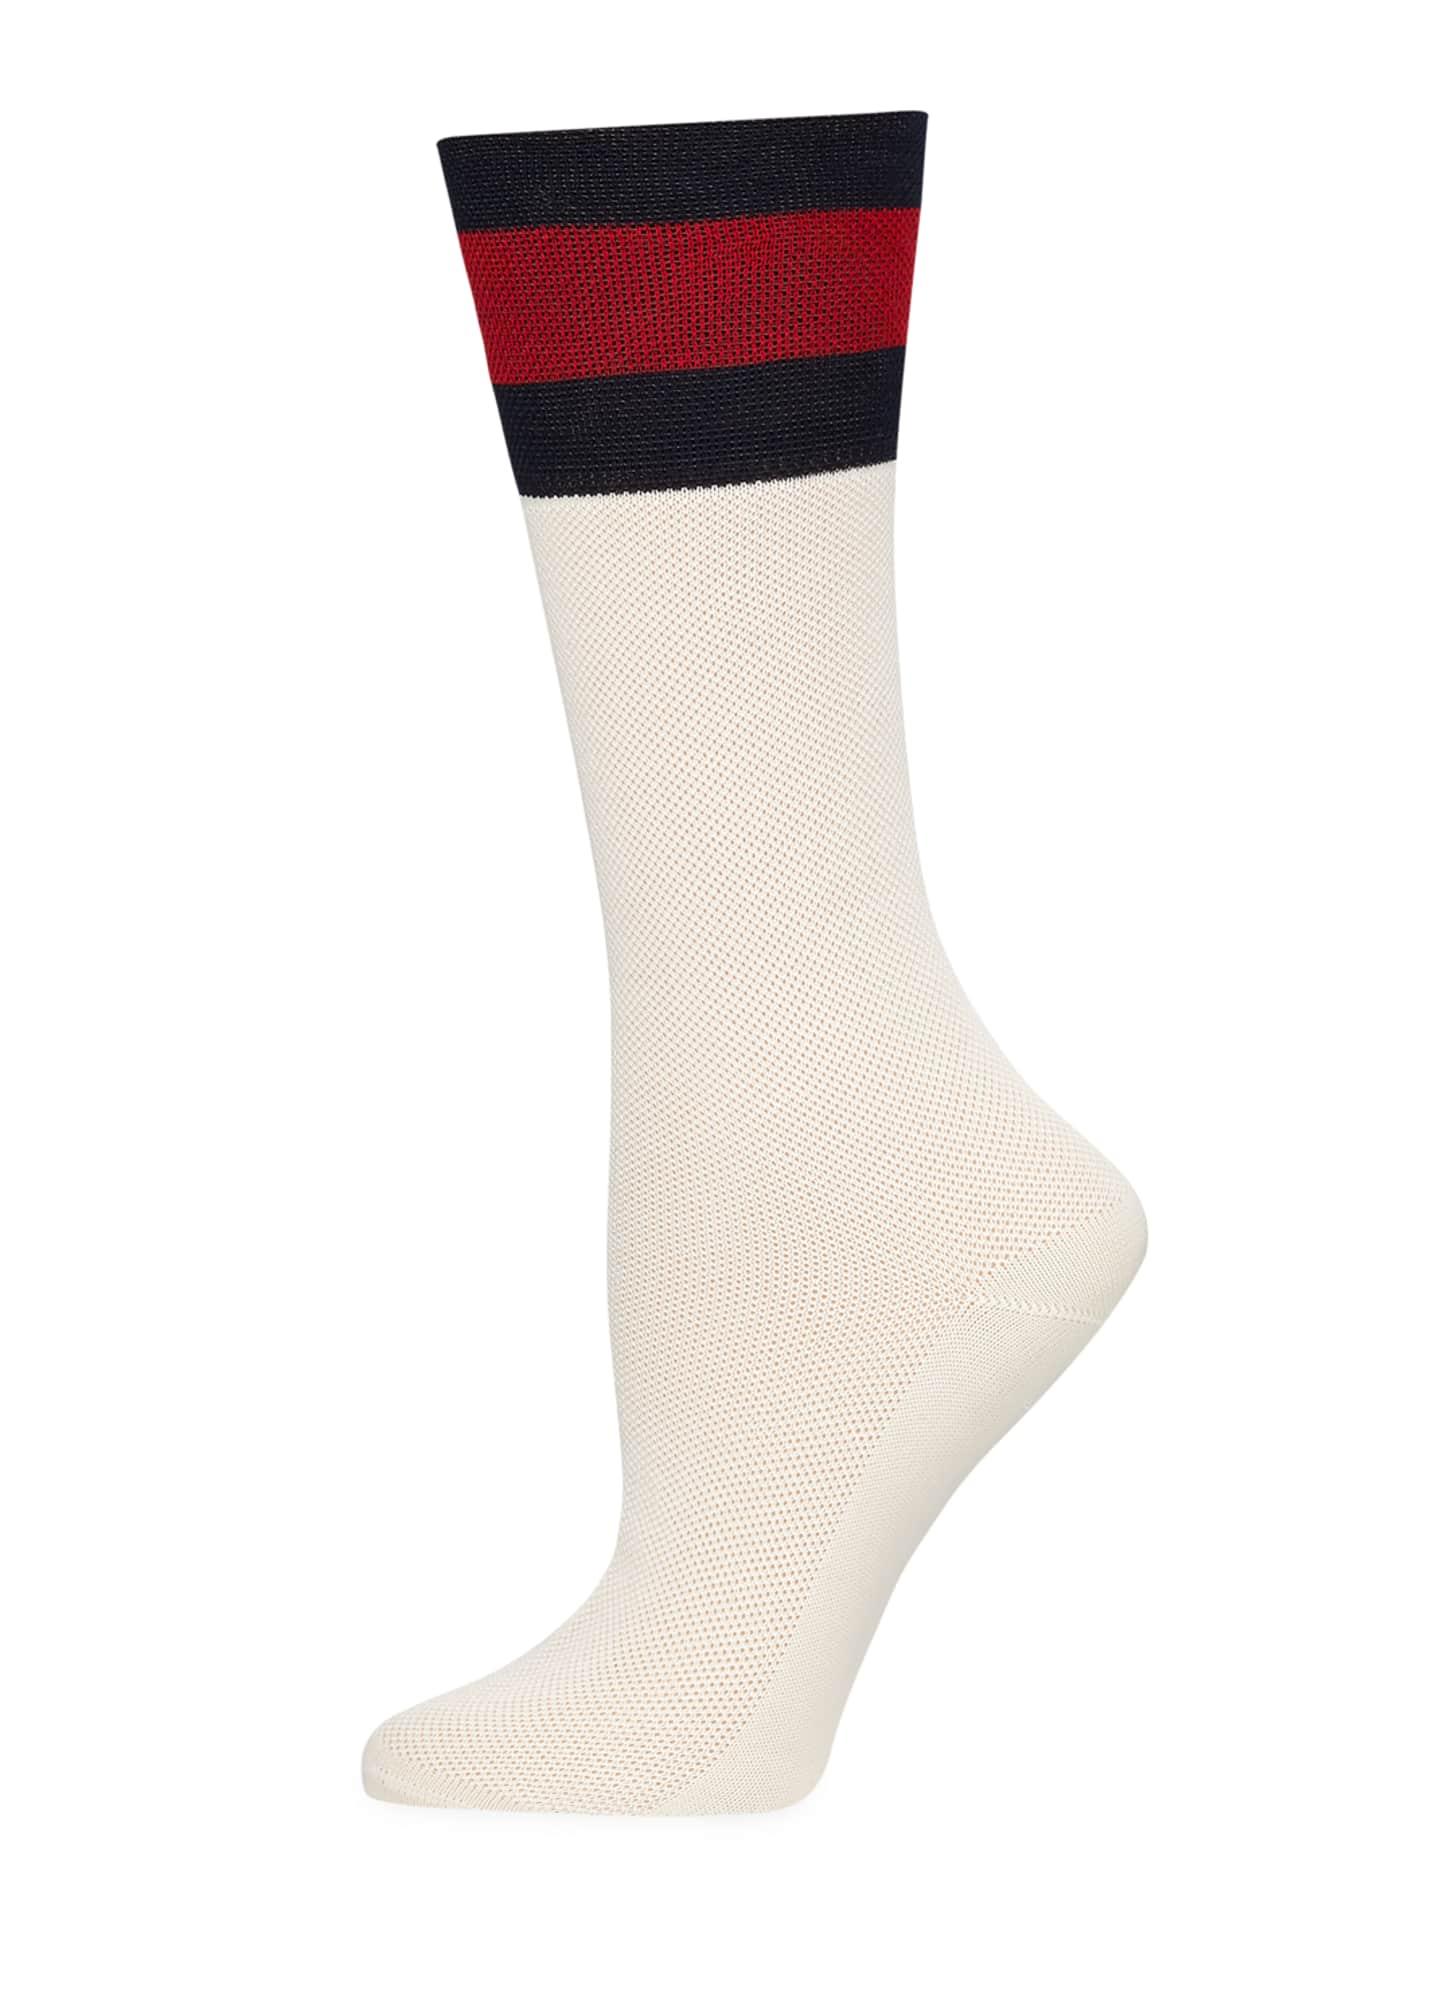 Gucci Suzanne Web-Cuff Tube Socks